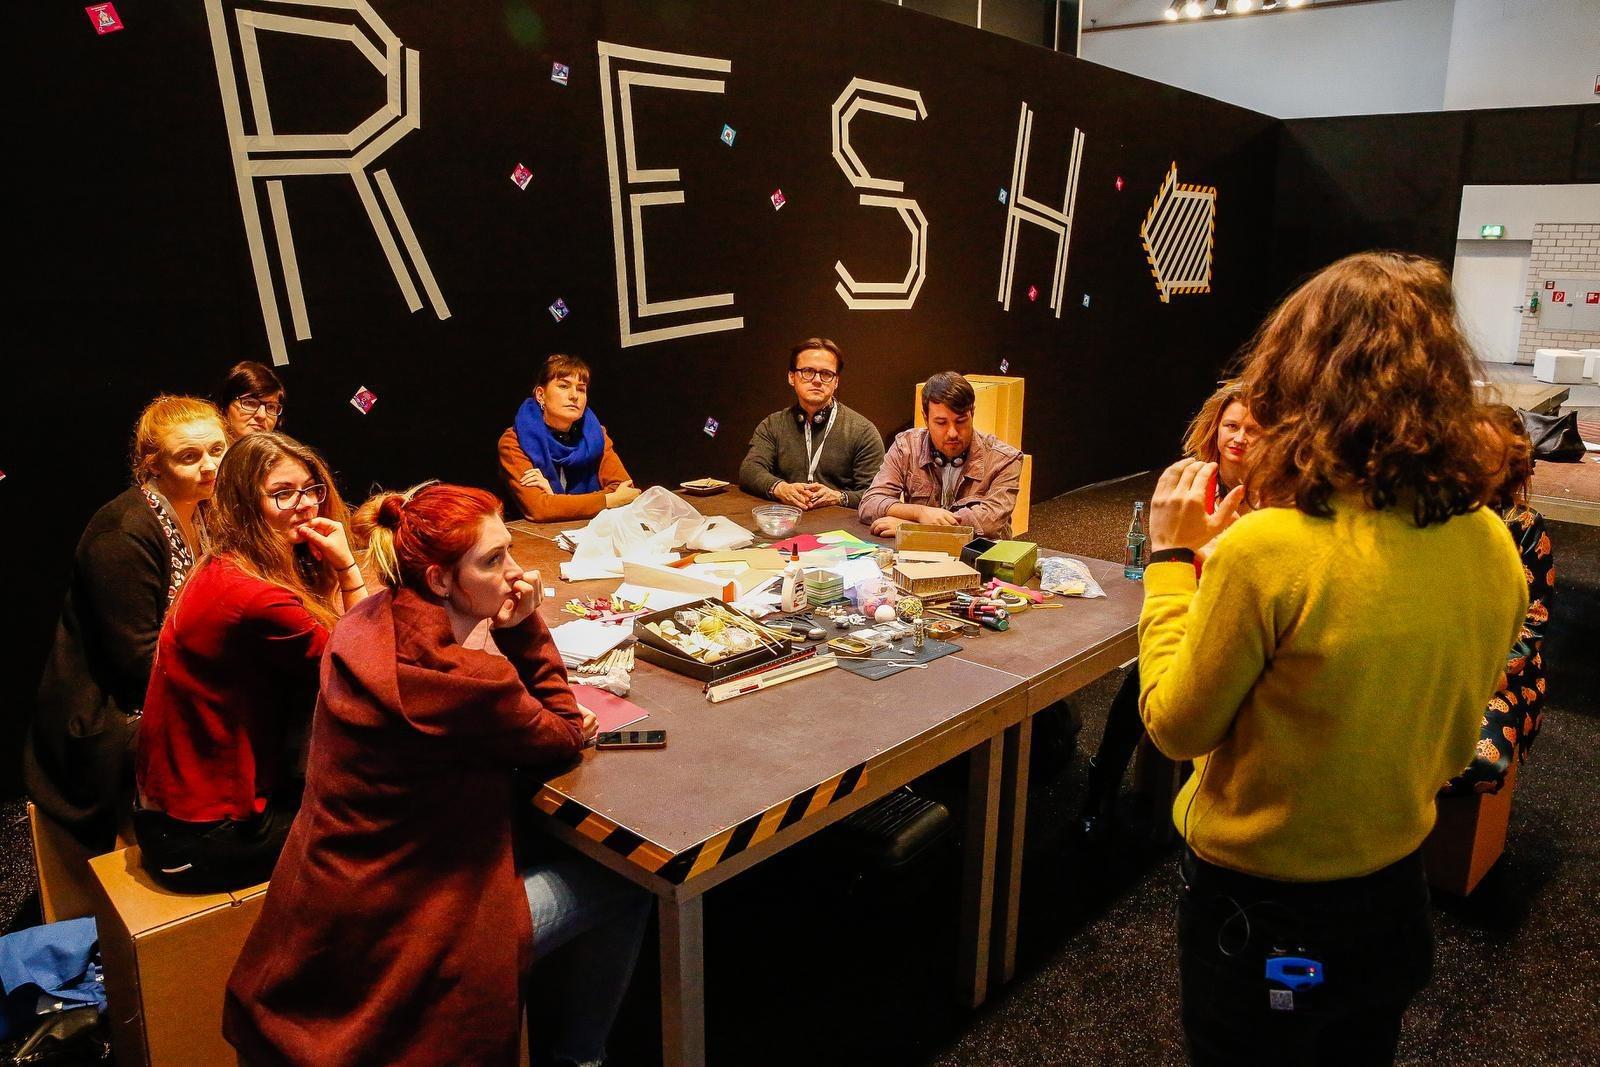 """Im Bereich """"Fresh"""" folgt Christian Walk (3.v.r.) einem Vortrag über das Berufsbild Event und nimmt an einem Workshop für Szenografie teil.FOTO: BRANDEX, RONNY BARTHEL"""